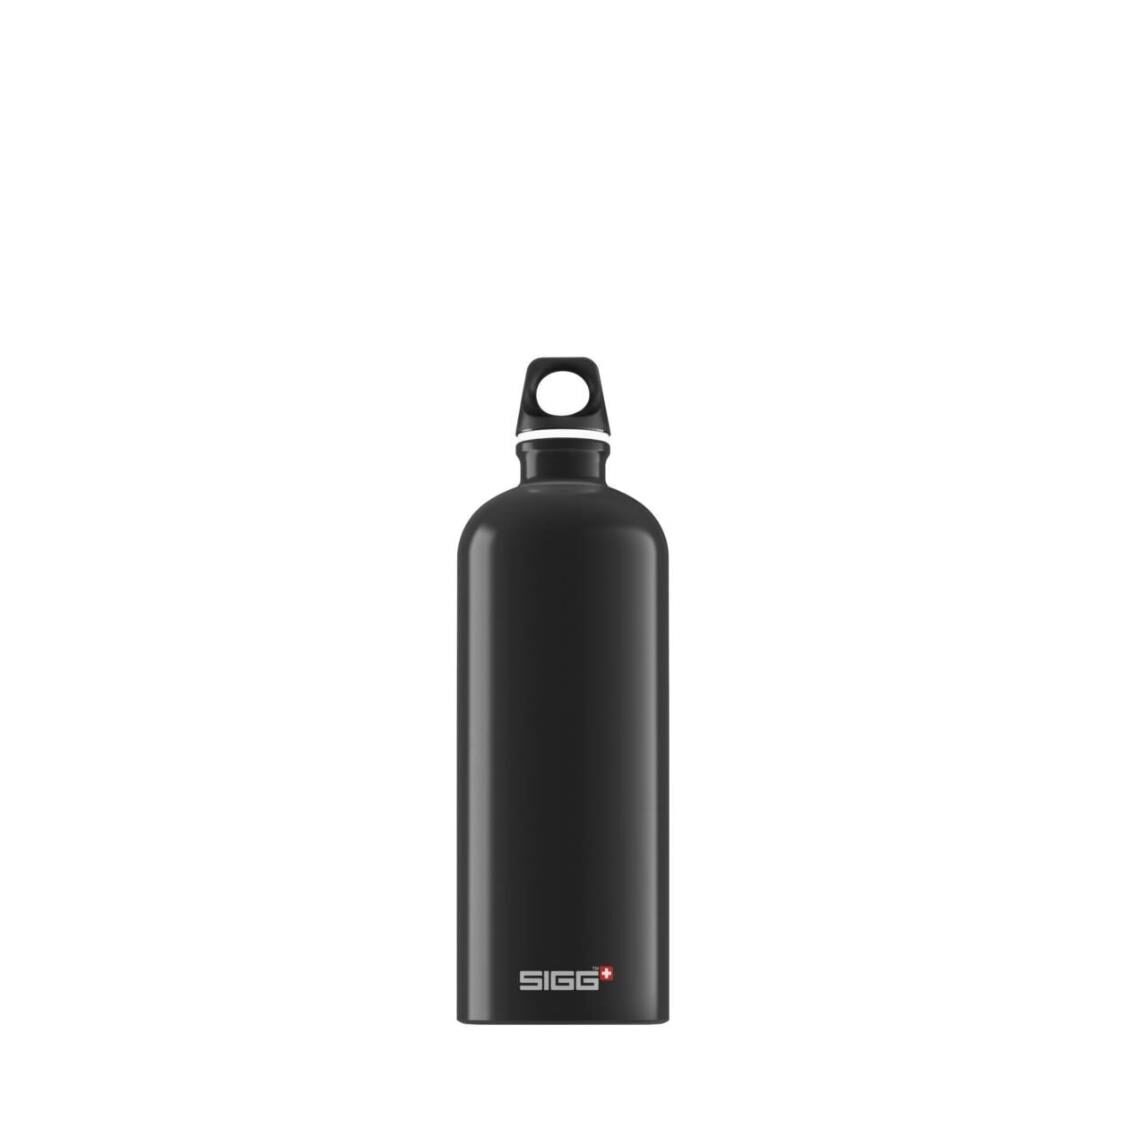 Sigg Traveller 1L Water Bottle Black 832740